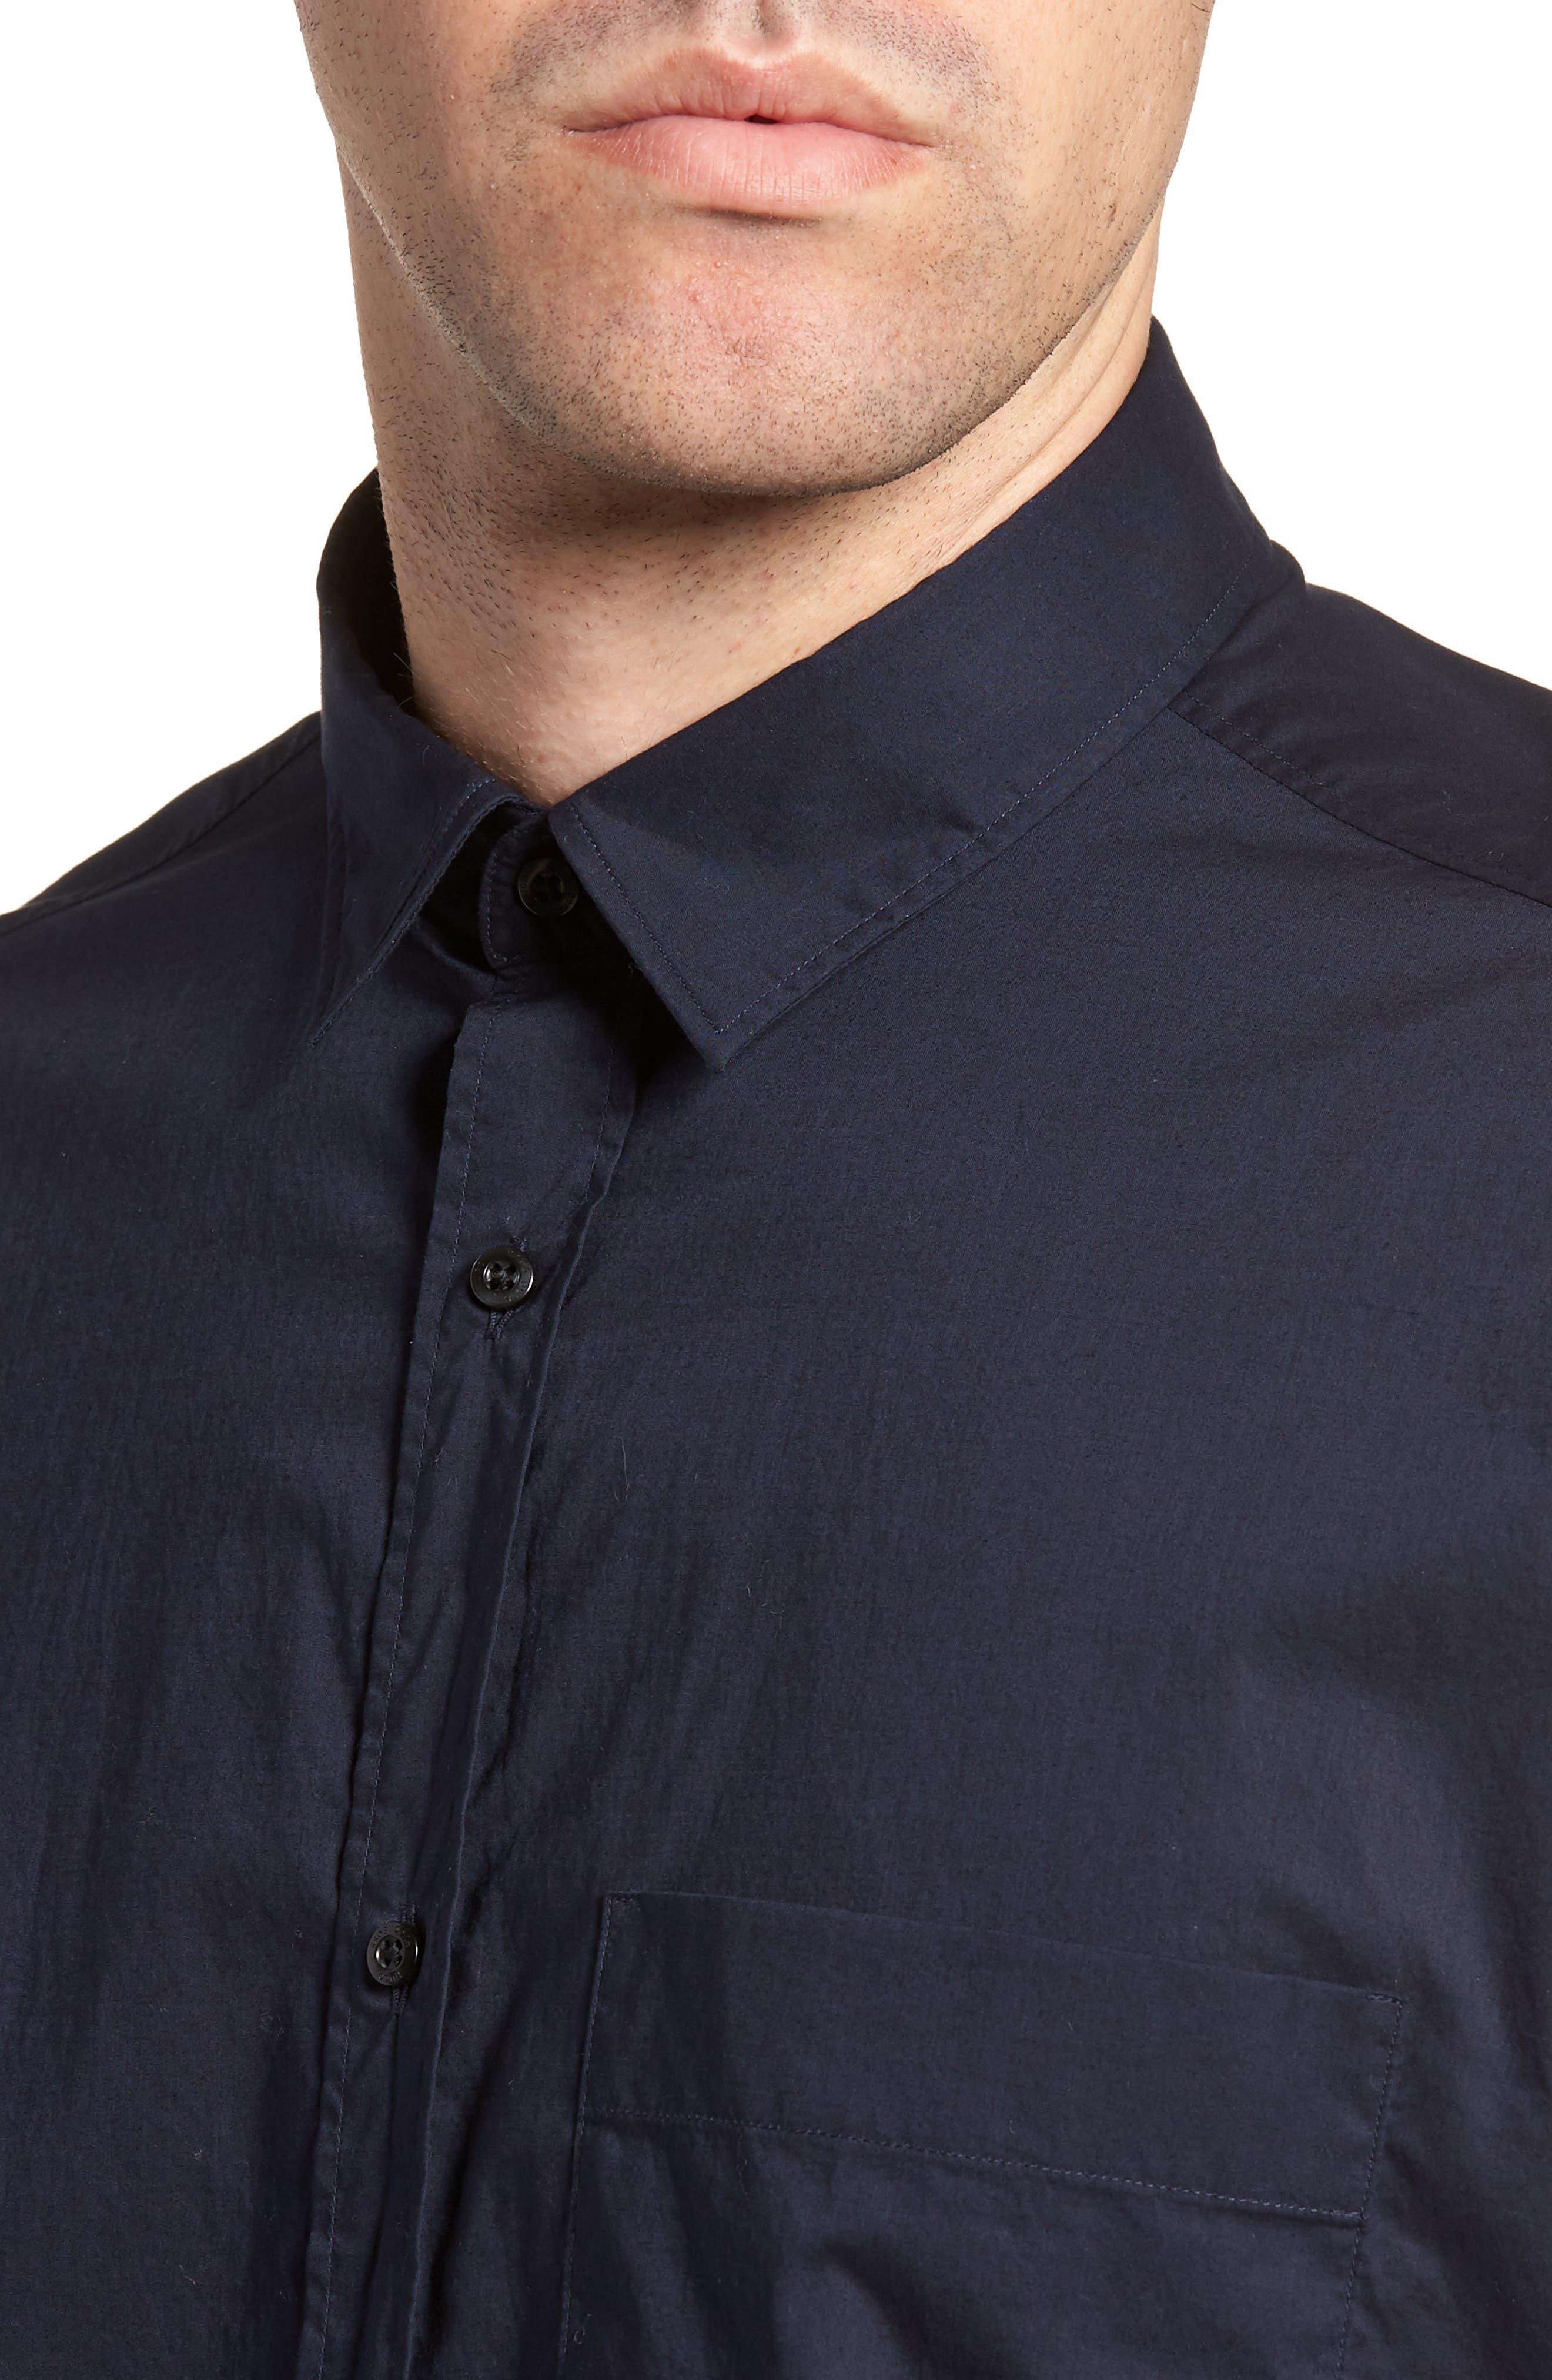 Eynold Oversized Short Sleeve Sport Shirt,                             Alternate thumbnail 4, color,                             413